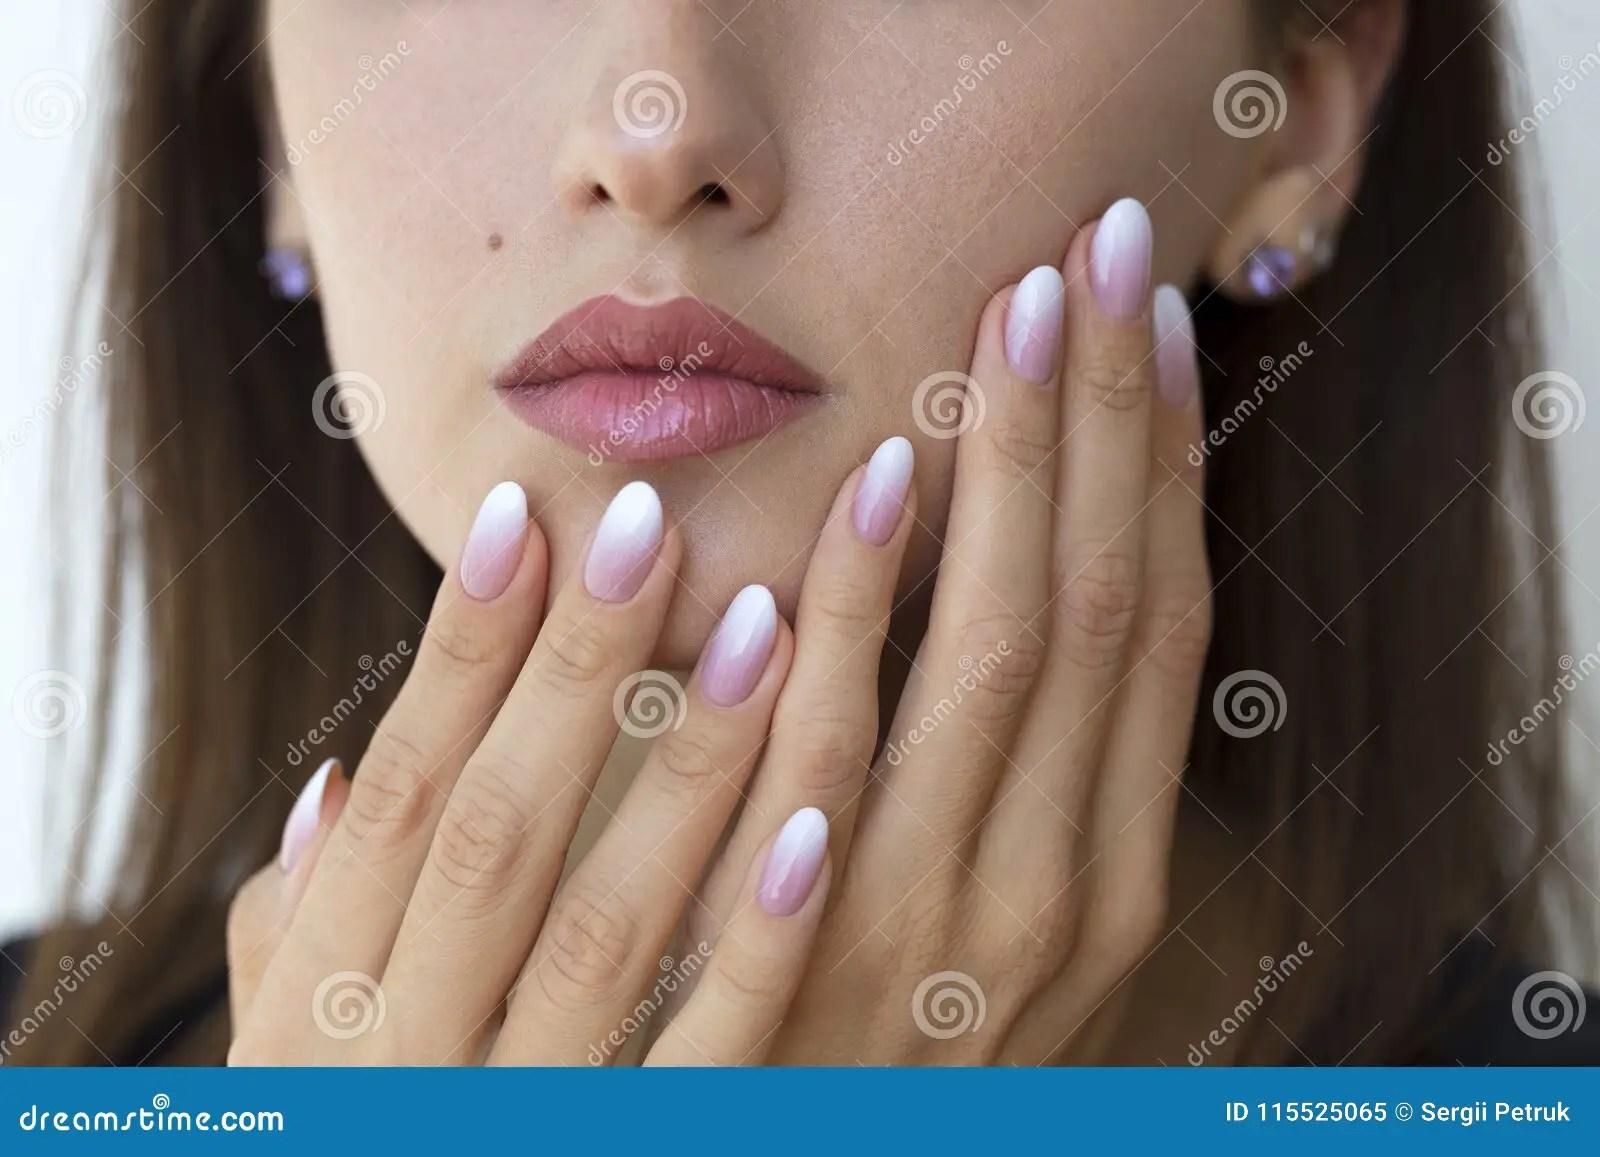 Piekni Kobiety S Gwozdzie Z Pieknym Francuskiego Manicure U